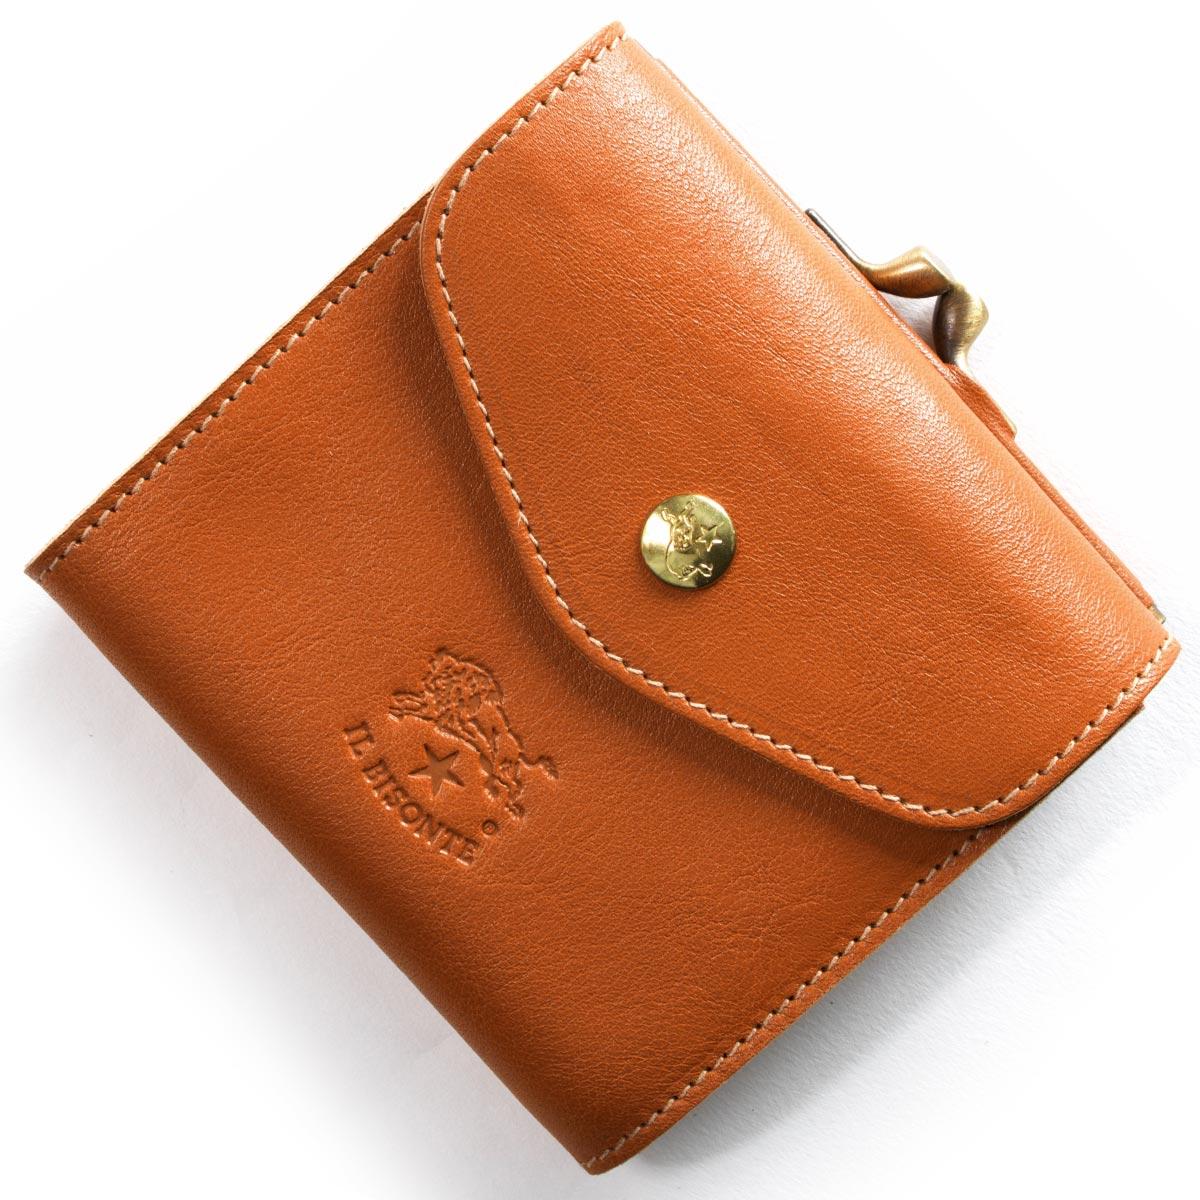 イルビゾンテ 三つ折り財布 財布 メンズ レディース スタンダード STANDARD キャラメルブラウン C0423 P 145 IL BISONTE